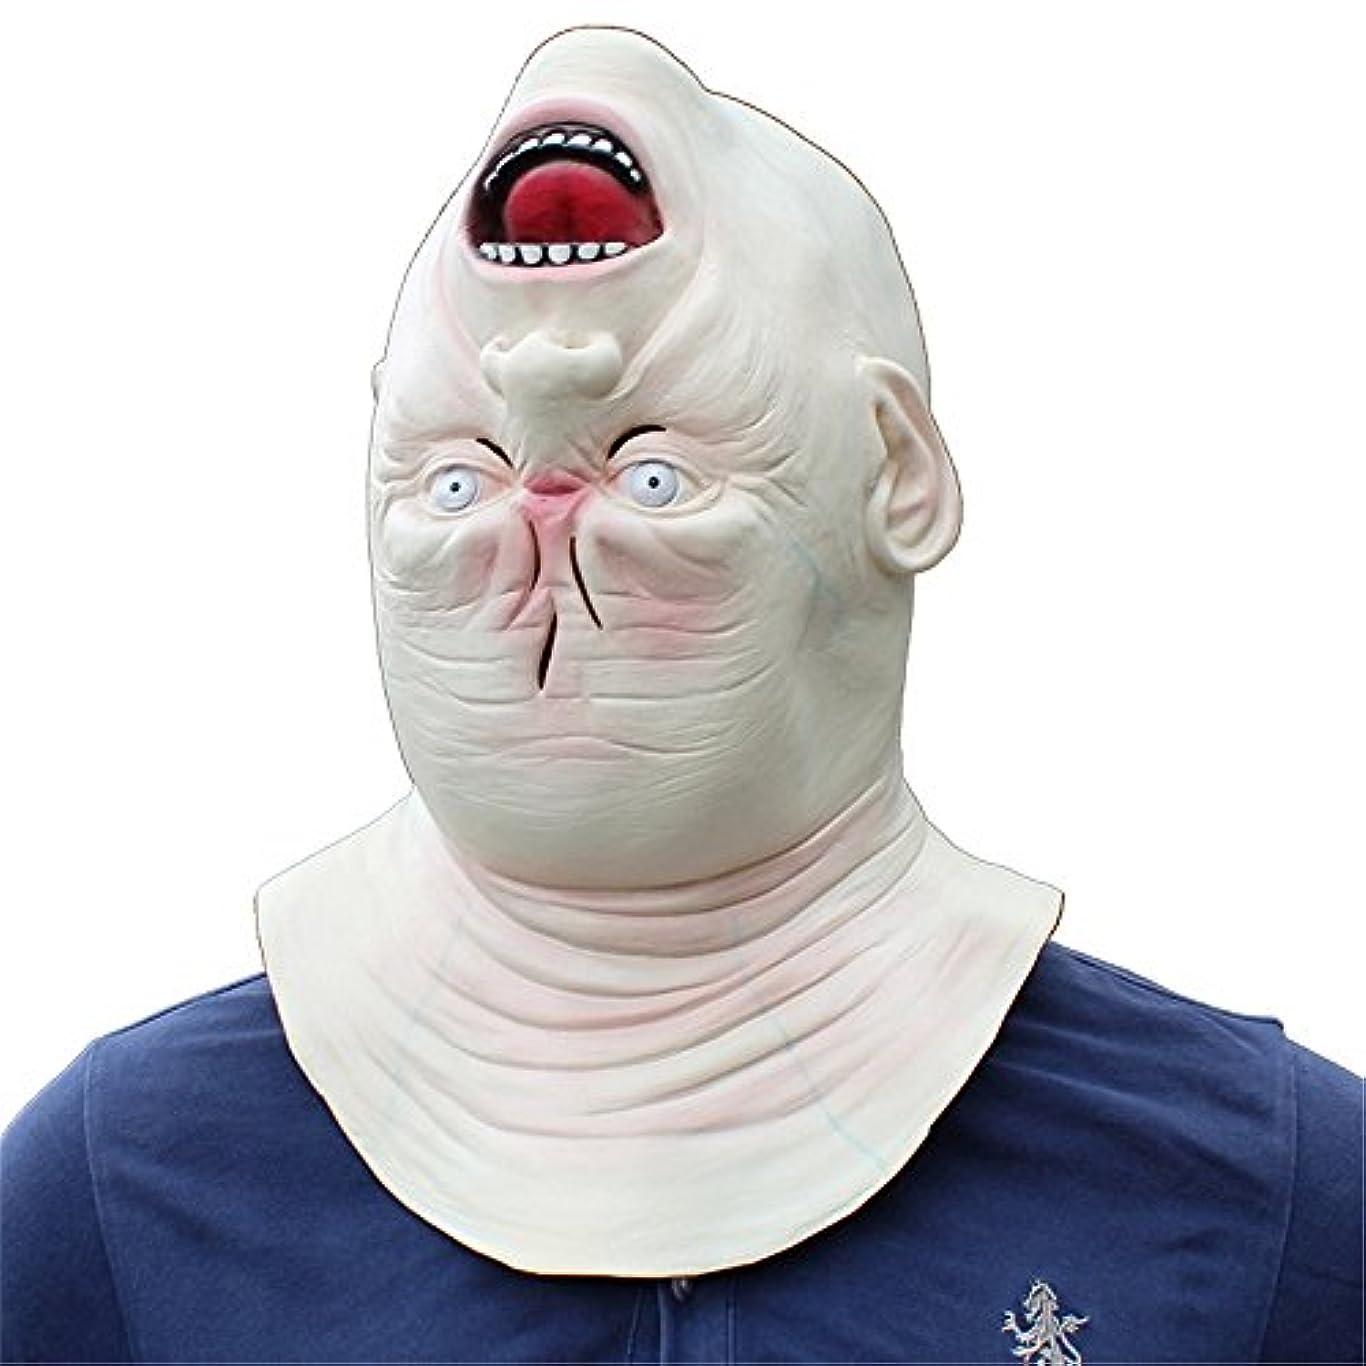 製造回転させる浴室ハロウィンホラーラテックスヘッドマスク仮装パーティーおかしい小道具